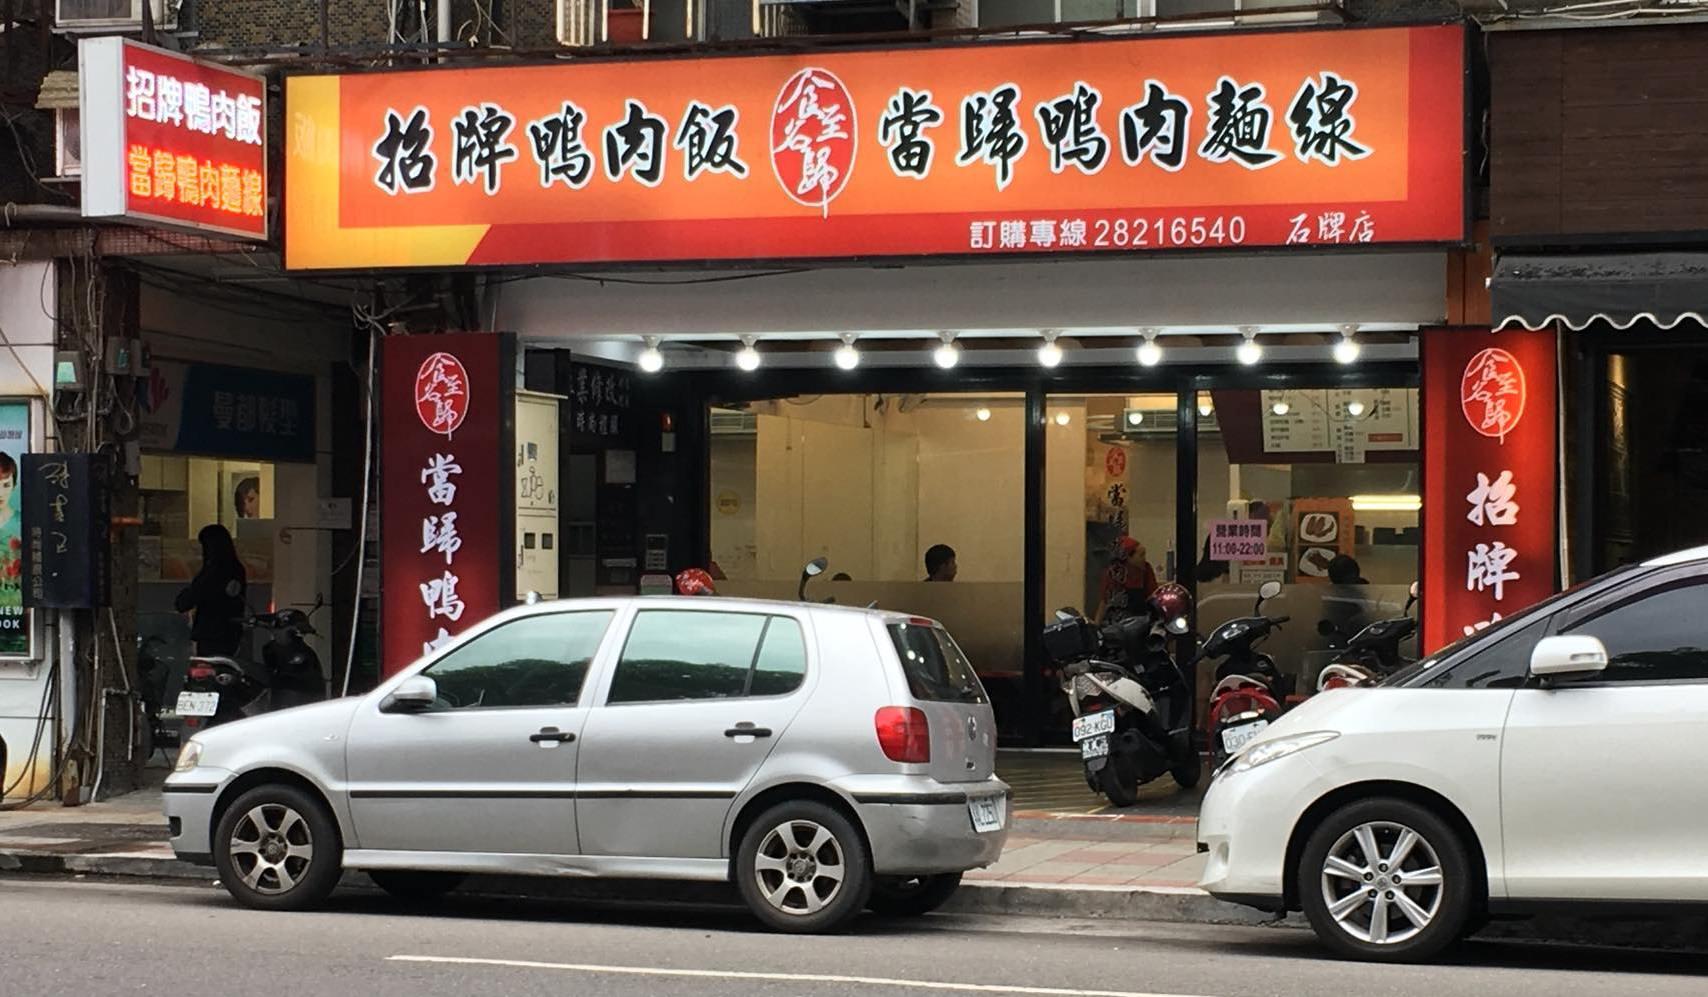 台北、捷運石牌站的平民美食丨食至名歸‧當歸鴨肉麵線 - nurseilife.cc